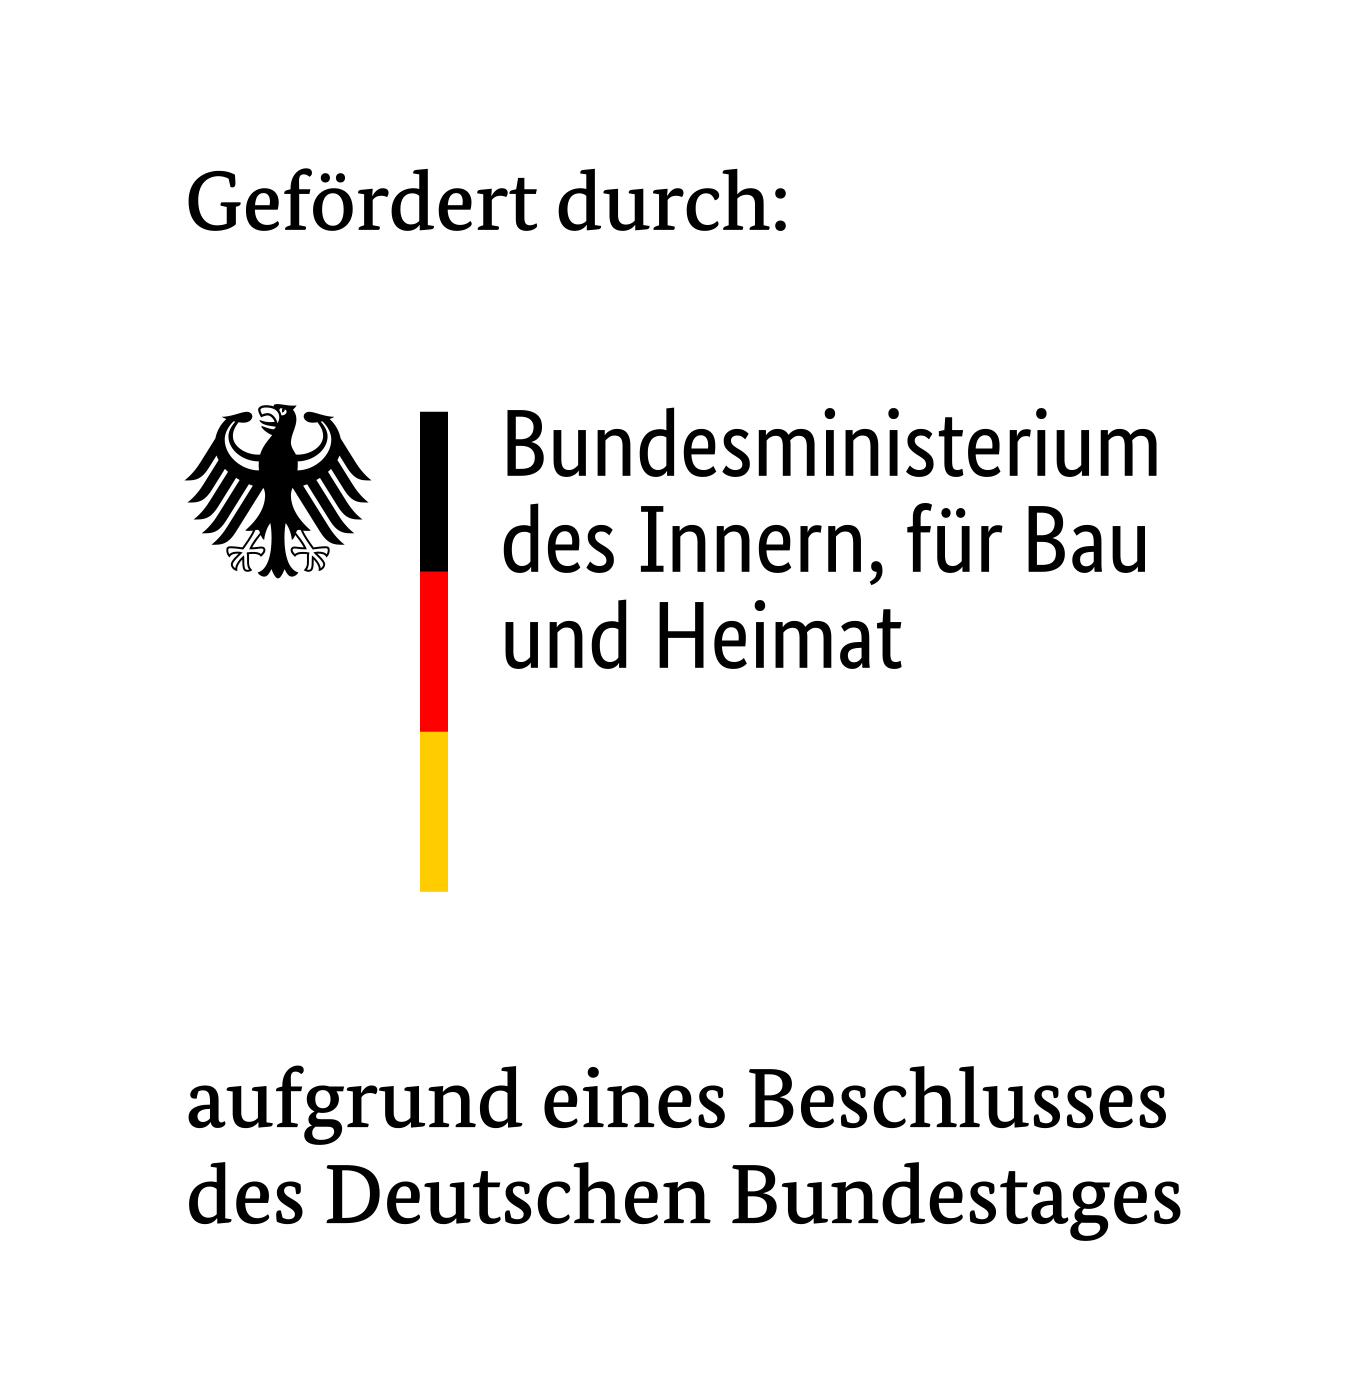 Förderer Logo: Bundesministerium des Inneren, für Bau und Heimat